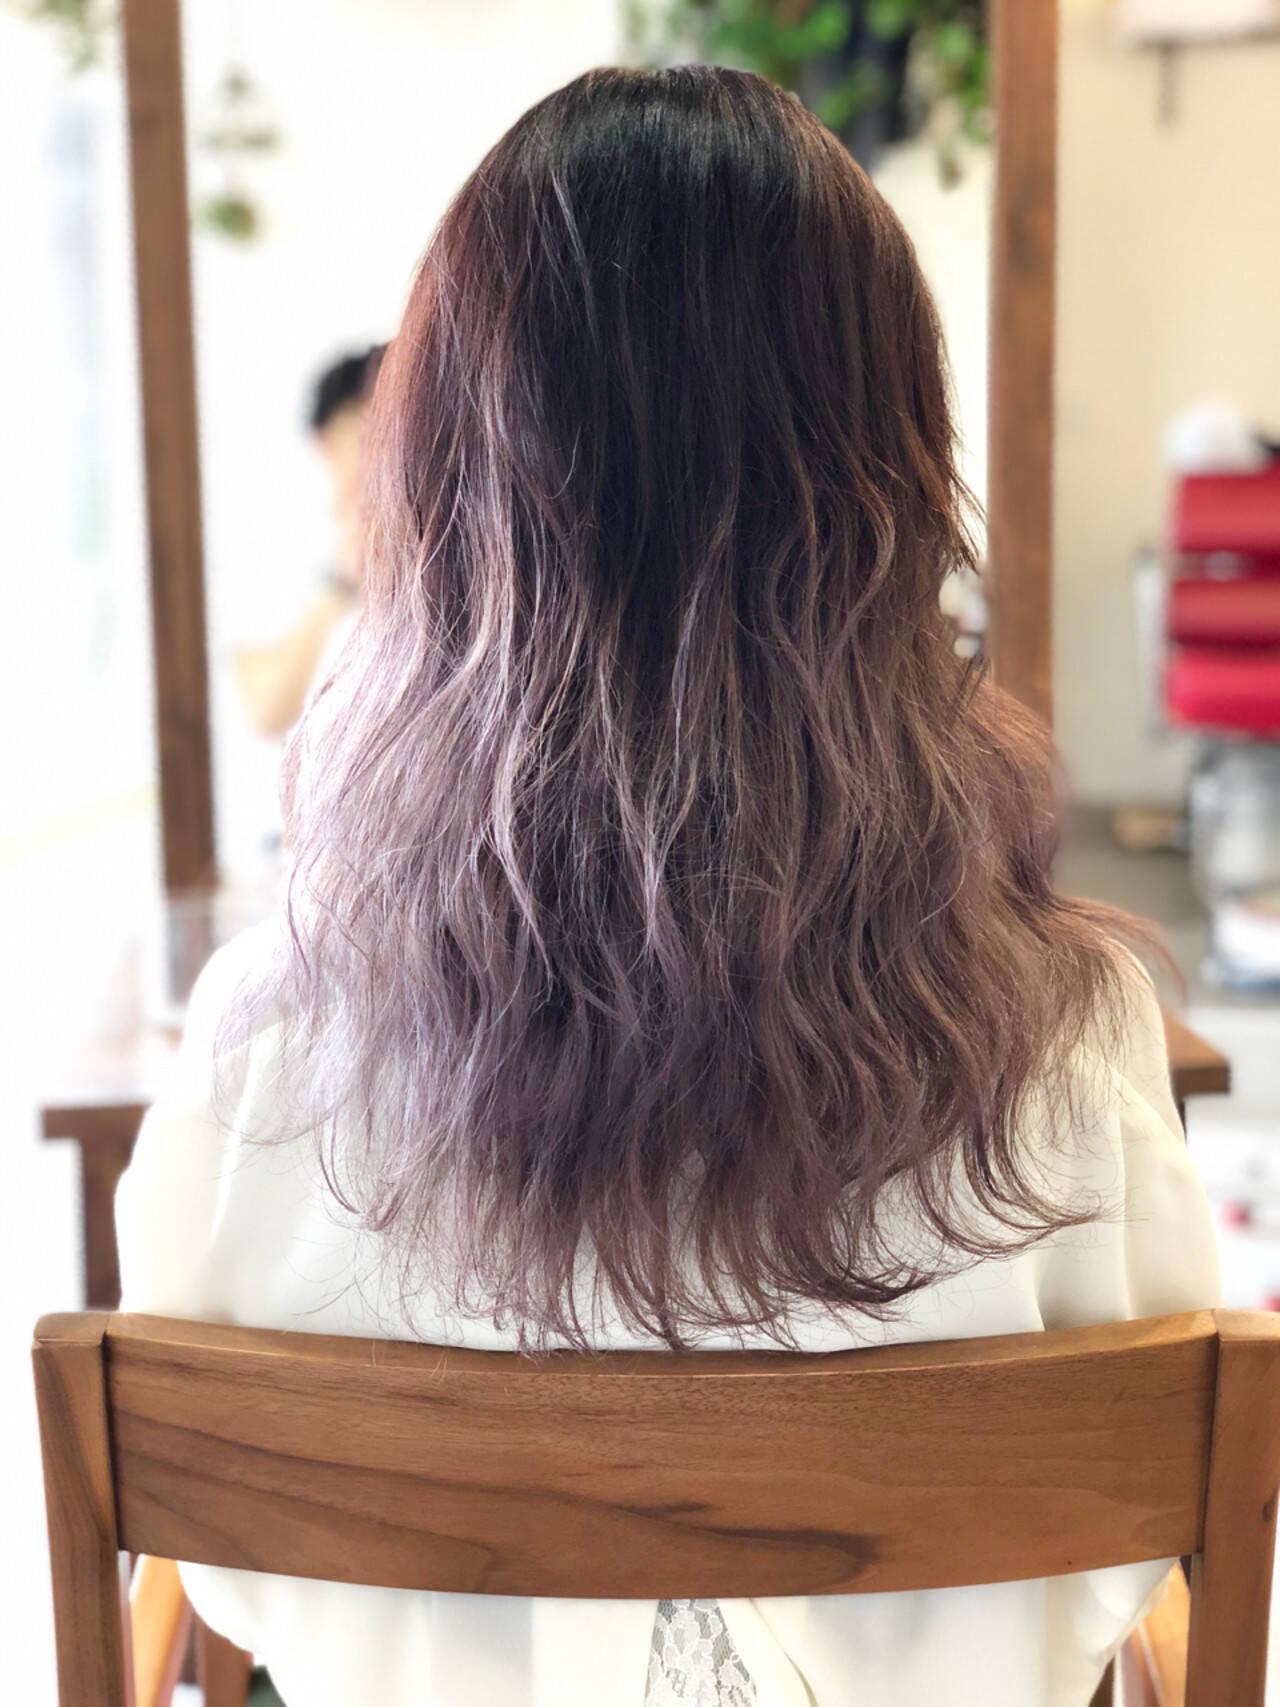 ラベンダー ハイトーン ダブルカラー セミロングヘアスタイルや髪型の写真・画像